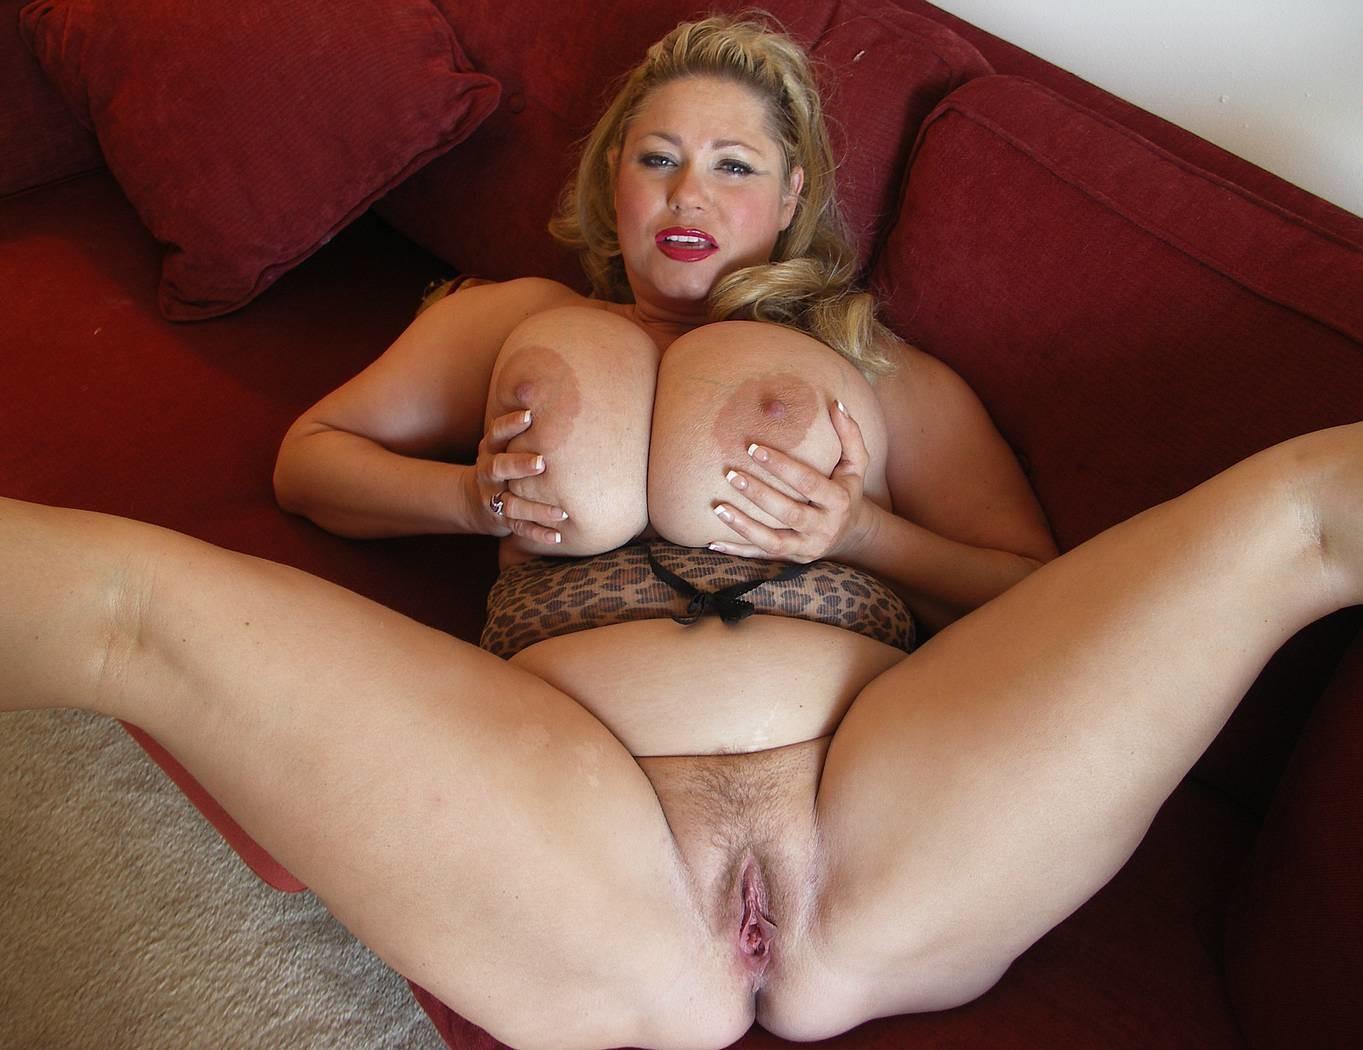 Порнография зрелых женщин с большими сиськами